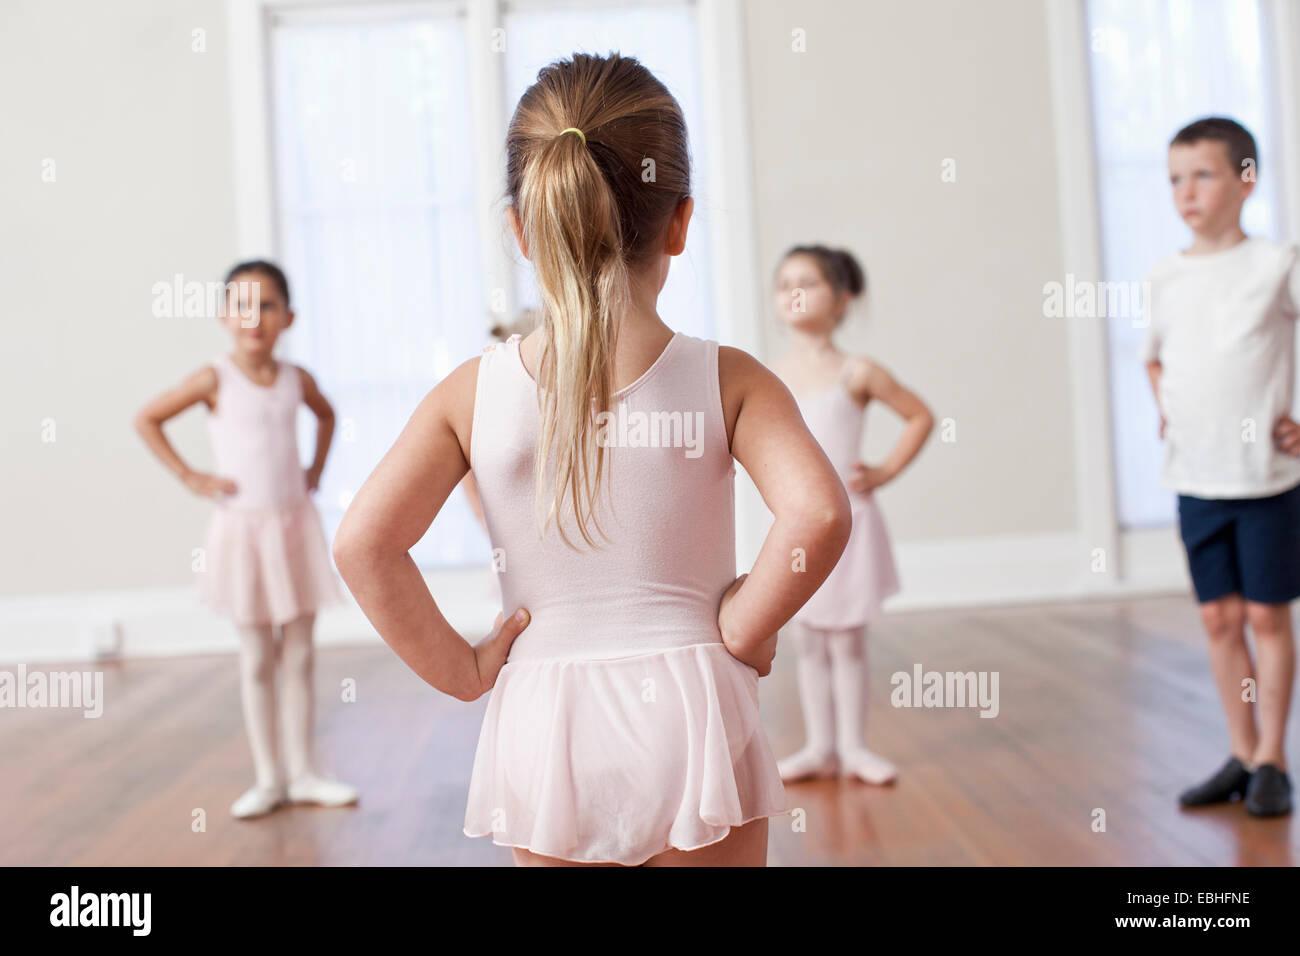 Vier Kinder üben Ballett mit Händen auf den Hüften in die Ballettschule Stockbild